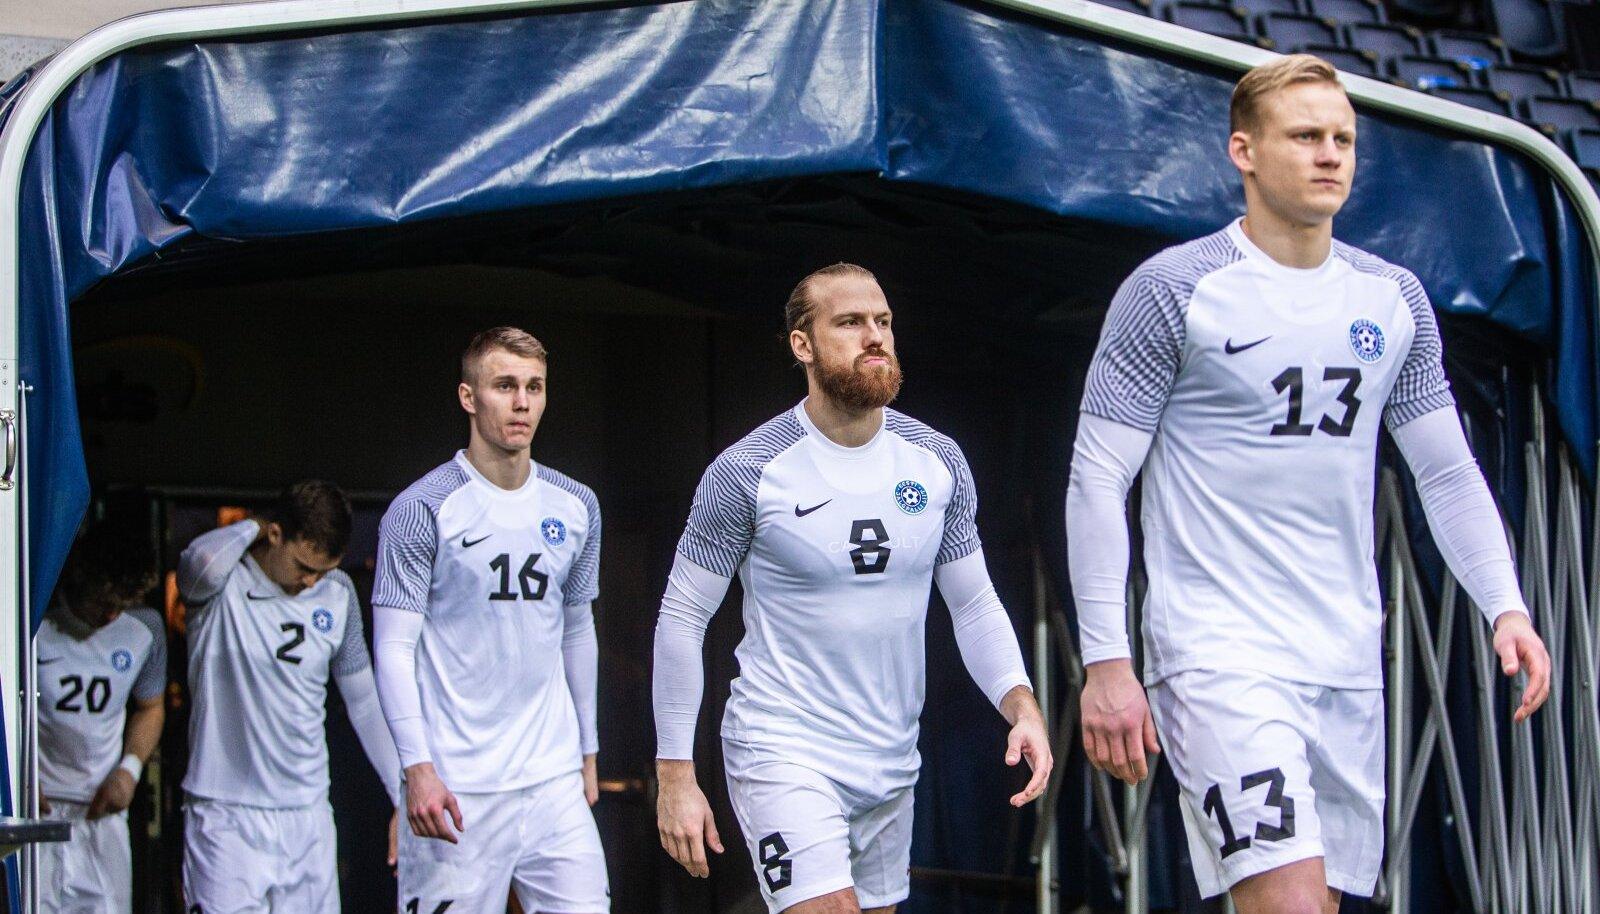 Eesti jalgpallikoondis kaotas Rootsile